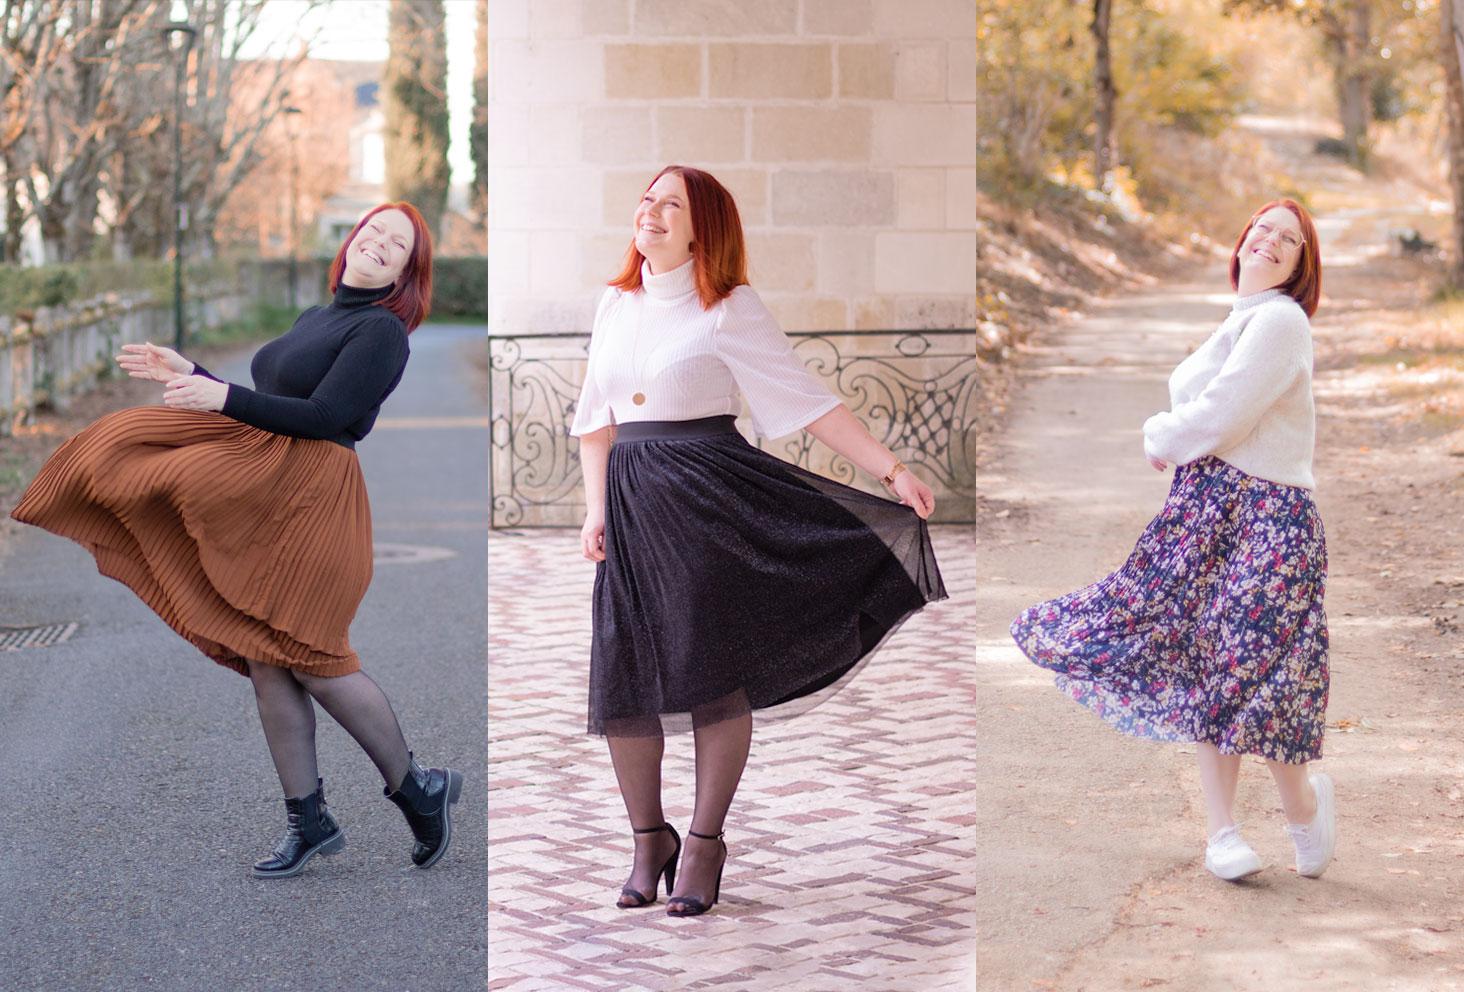 Quelles chaussures mettre avec une jupe en hiver ?